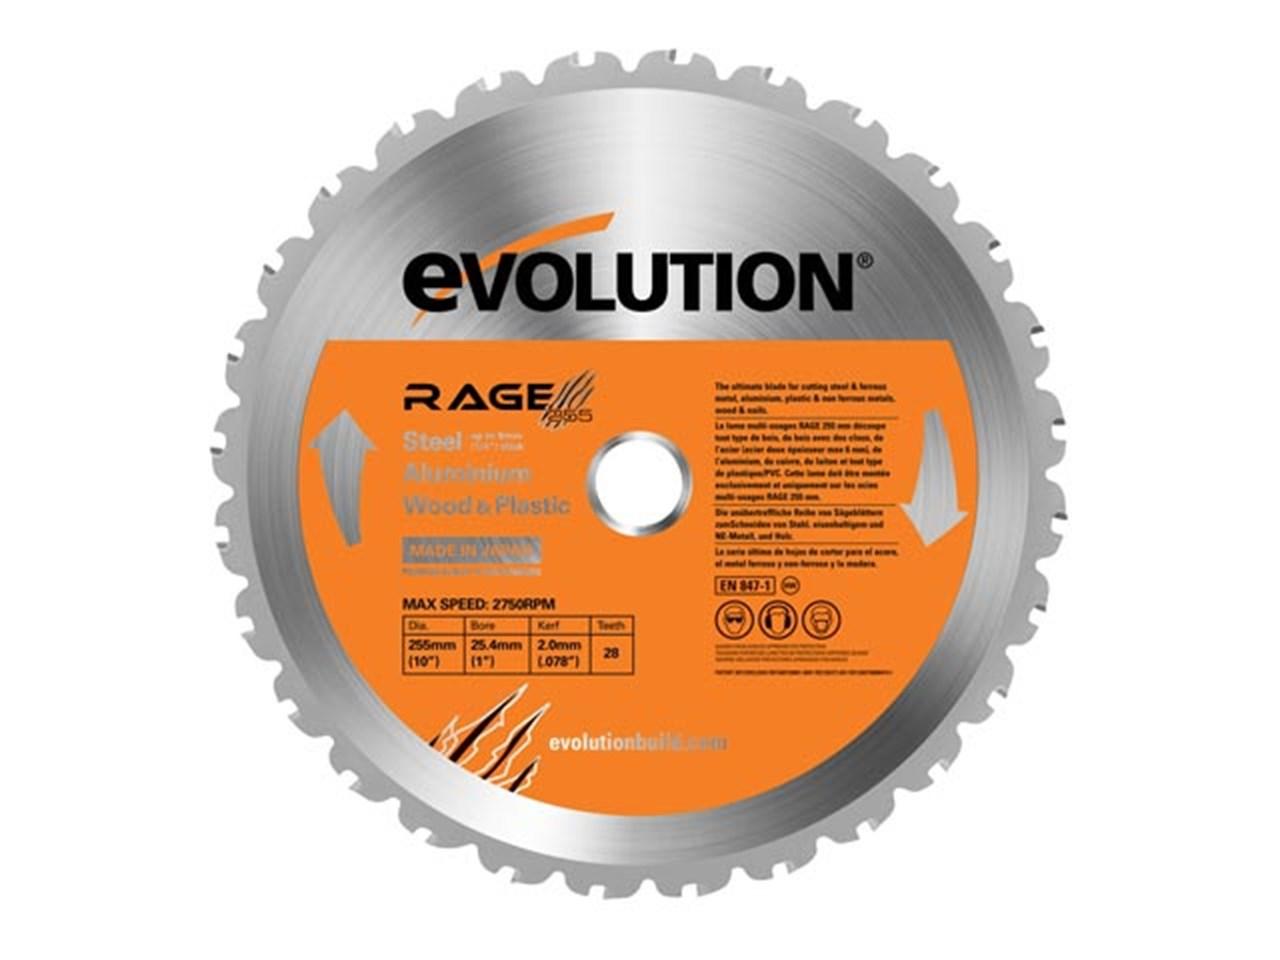 evolution evo255mp 255mm multipurpose blade for rage 3. Black Bedroom Furniture Sets. Home Design Ideas